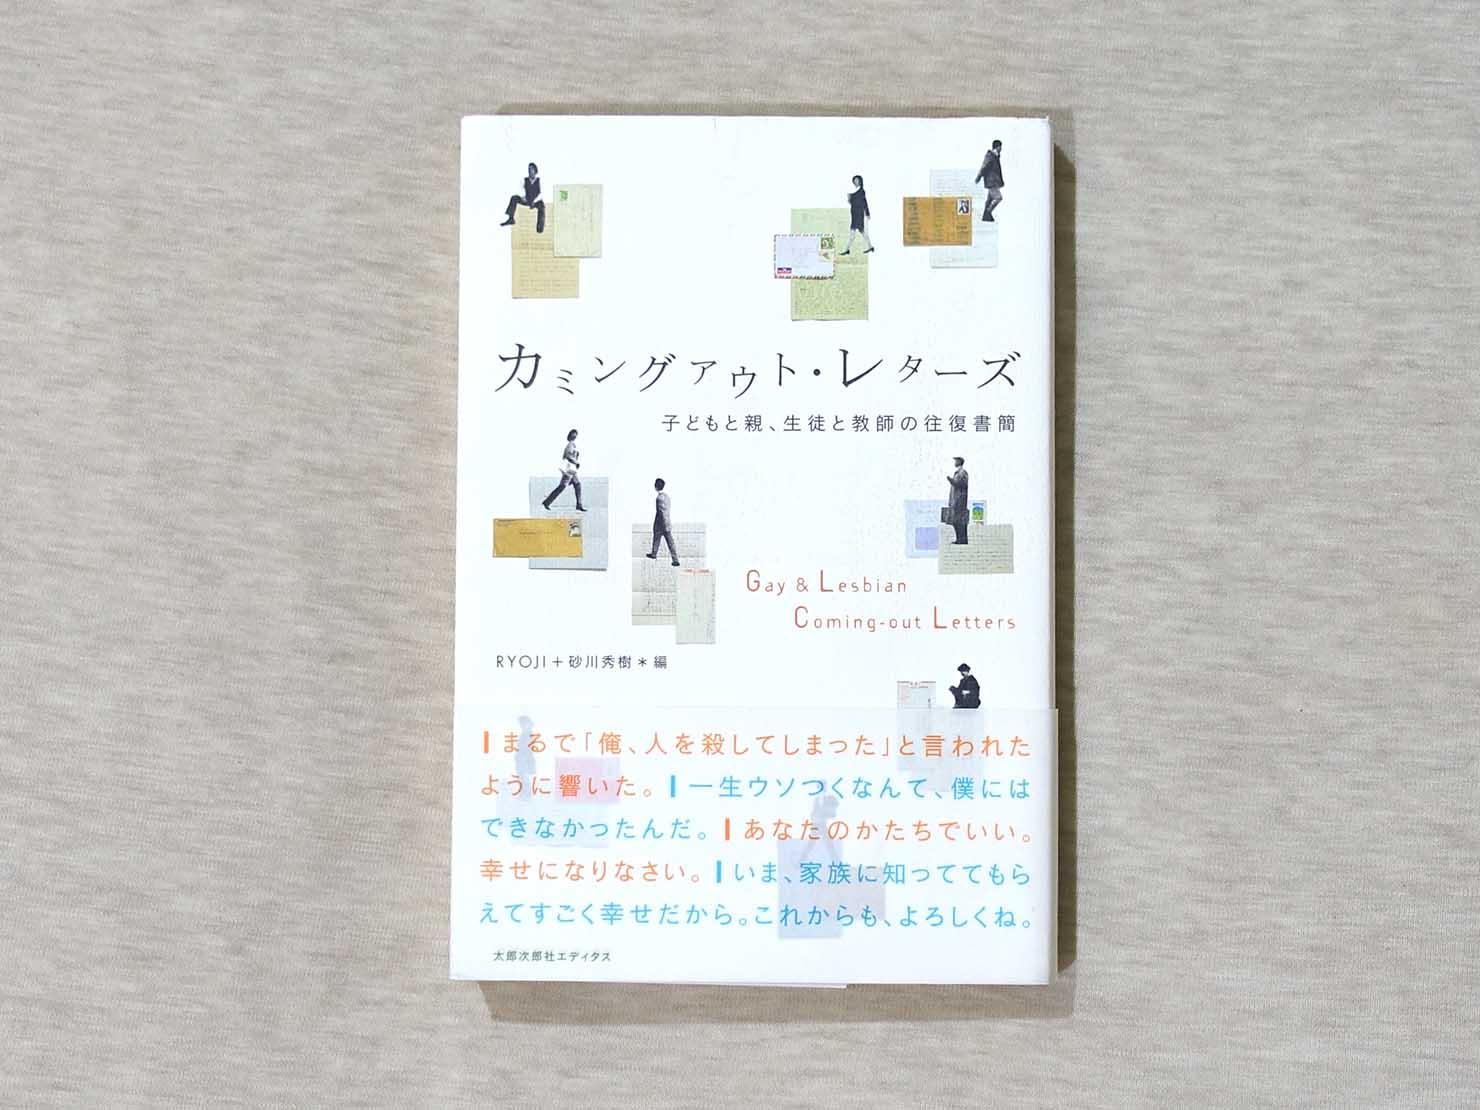 LGBT関連のおすすめ本『カミングアウト・レターズ ~子どもと親、生徒と教師の往復書簡~』